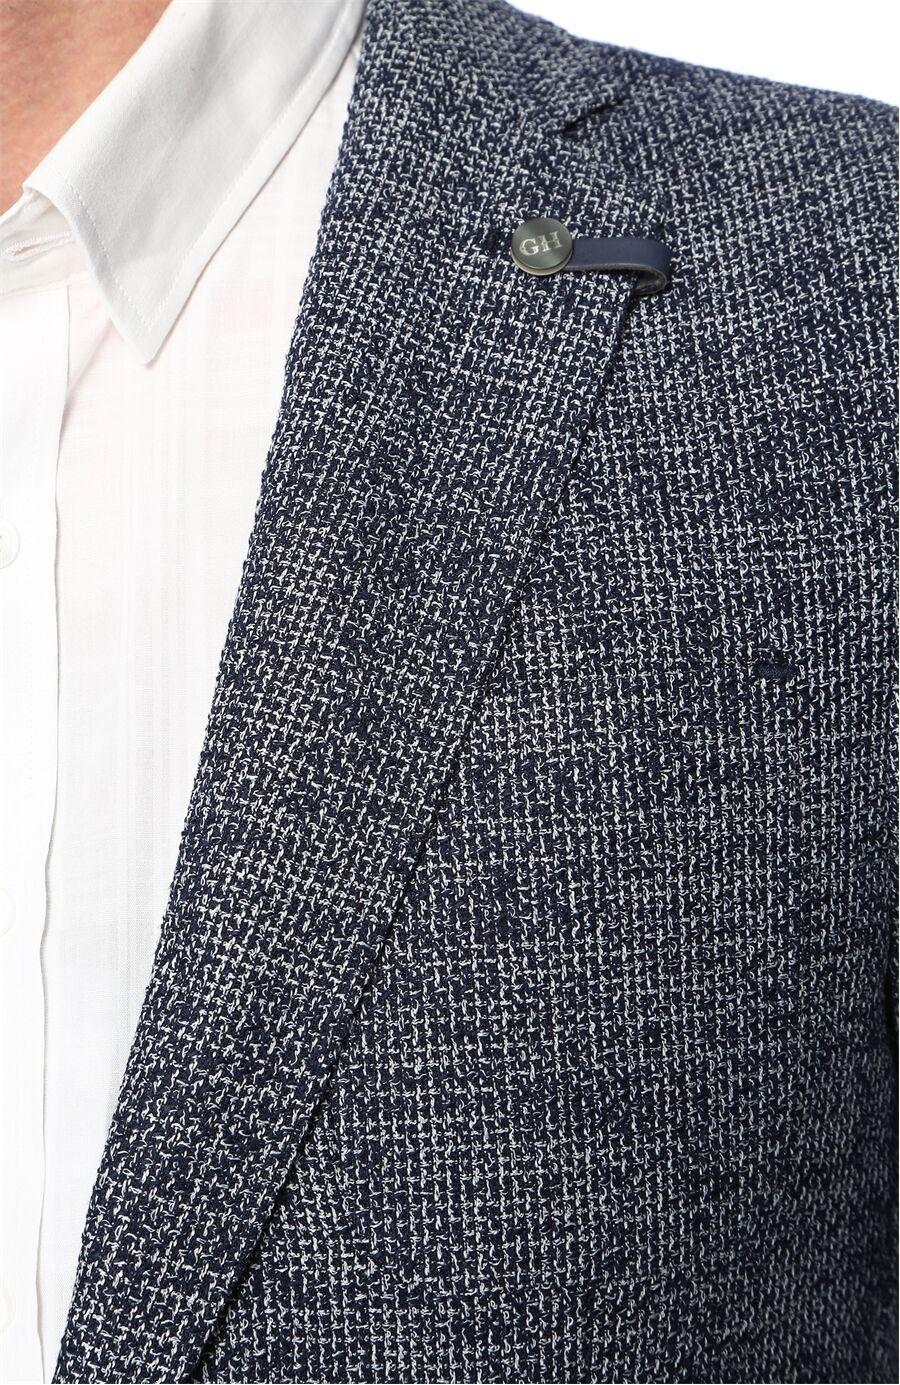 Jakarlı Lacivert-Beyaz Ceket